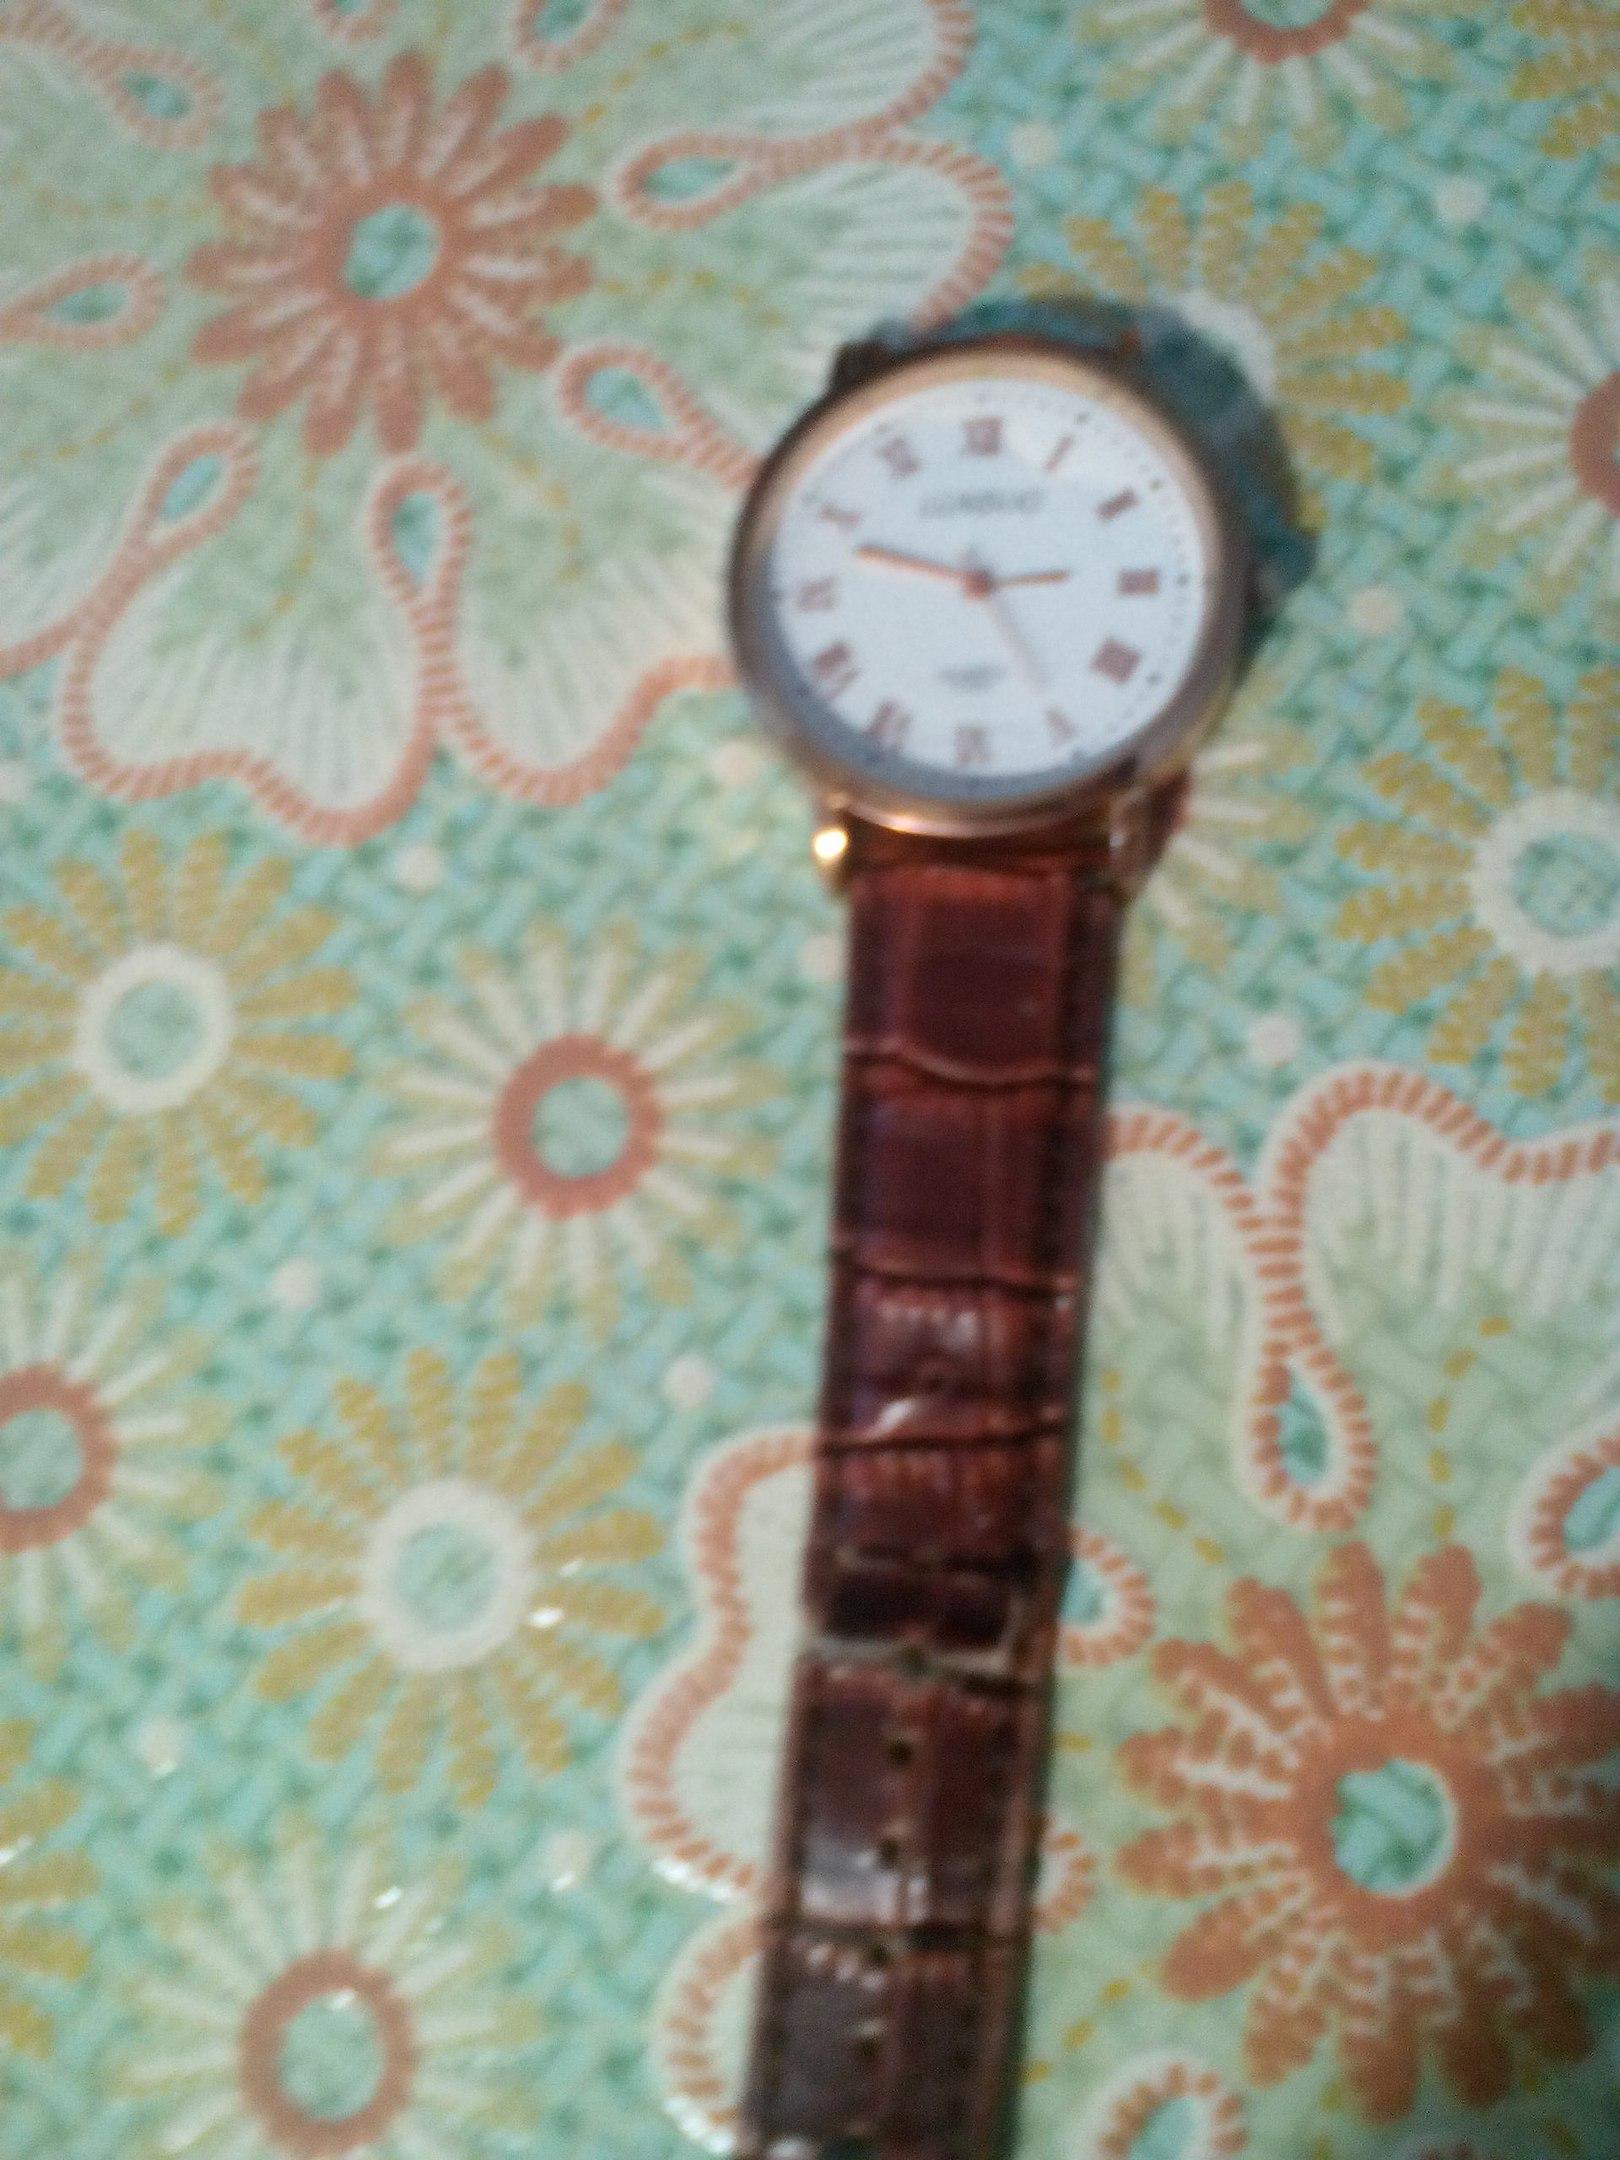 Найдены мужские часы (вероятно потеряли, так как оторван ремешок), около районной библиотеки.